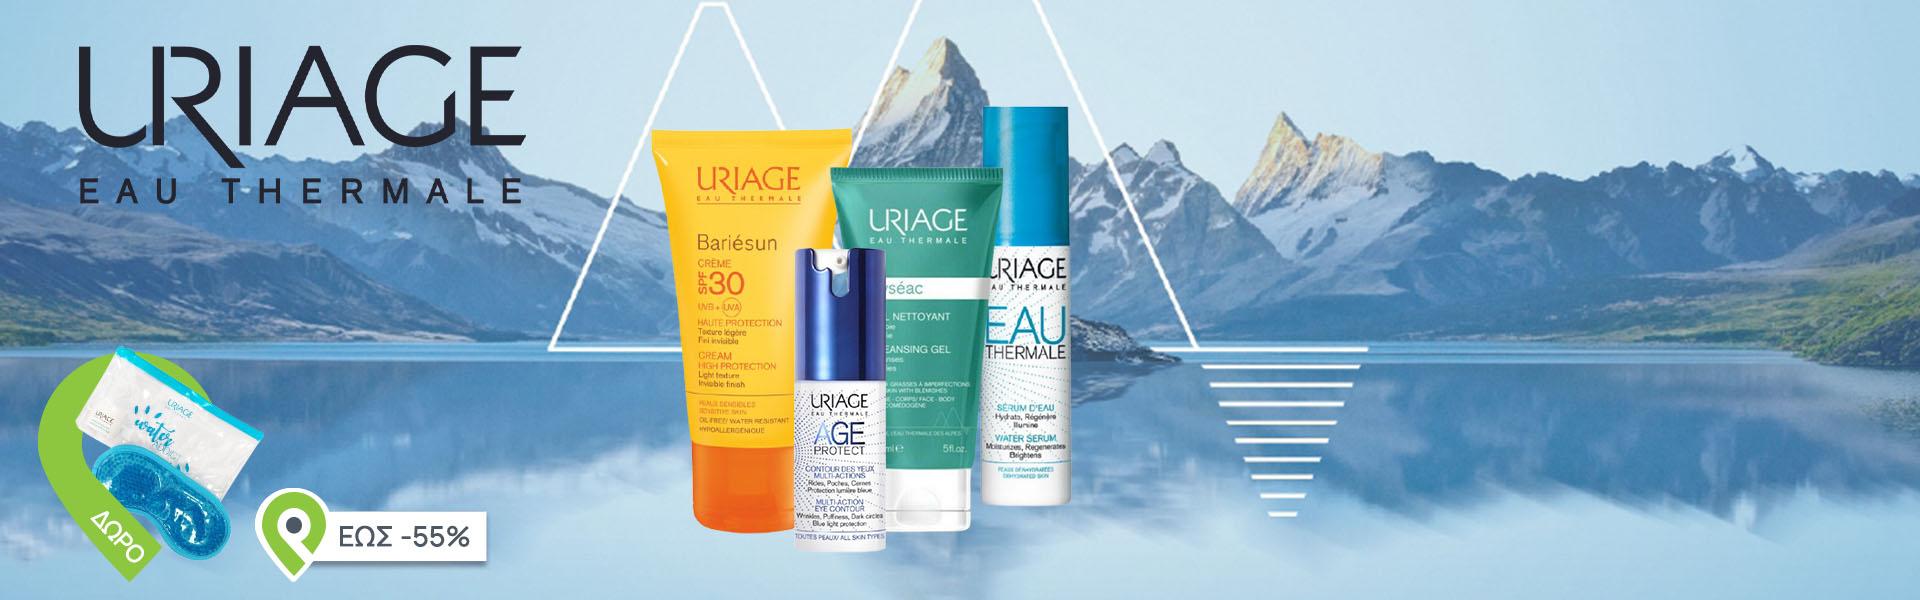 Με 2 προϊόντα από τις σειρές Bariesun, Eau Thermale, Age Protect & Hyseac της Uriage, ΔΩΡΟ μάσκα ενυδάτωσης σε deluxe size και μάσκα ματιών.